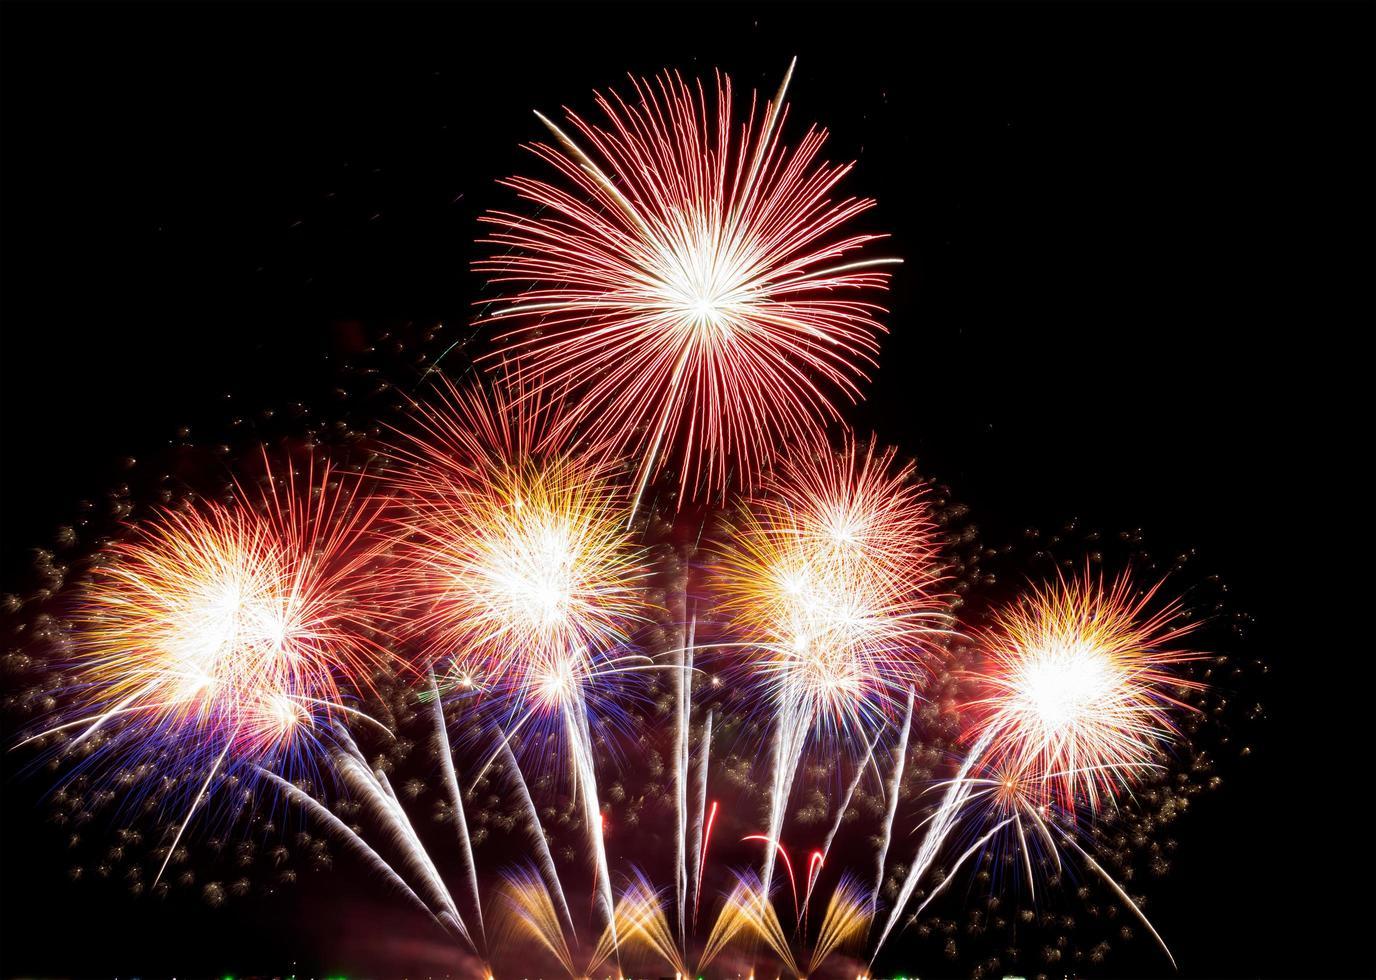 Fondo de fuegos artificiales de vacaciones coloridos abstractos celebración en la víspera de año nuevo un festival de exhibición de fuegos artificiales de alegría en el cielo nocturno foto